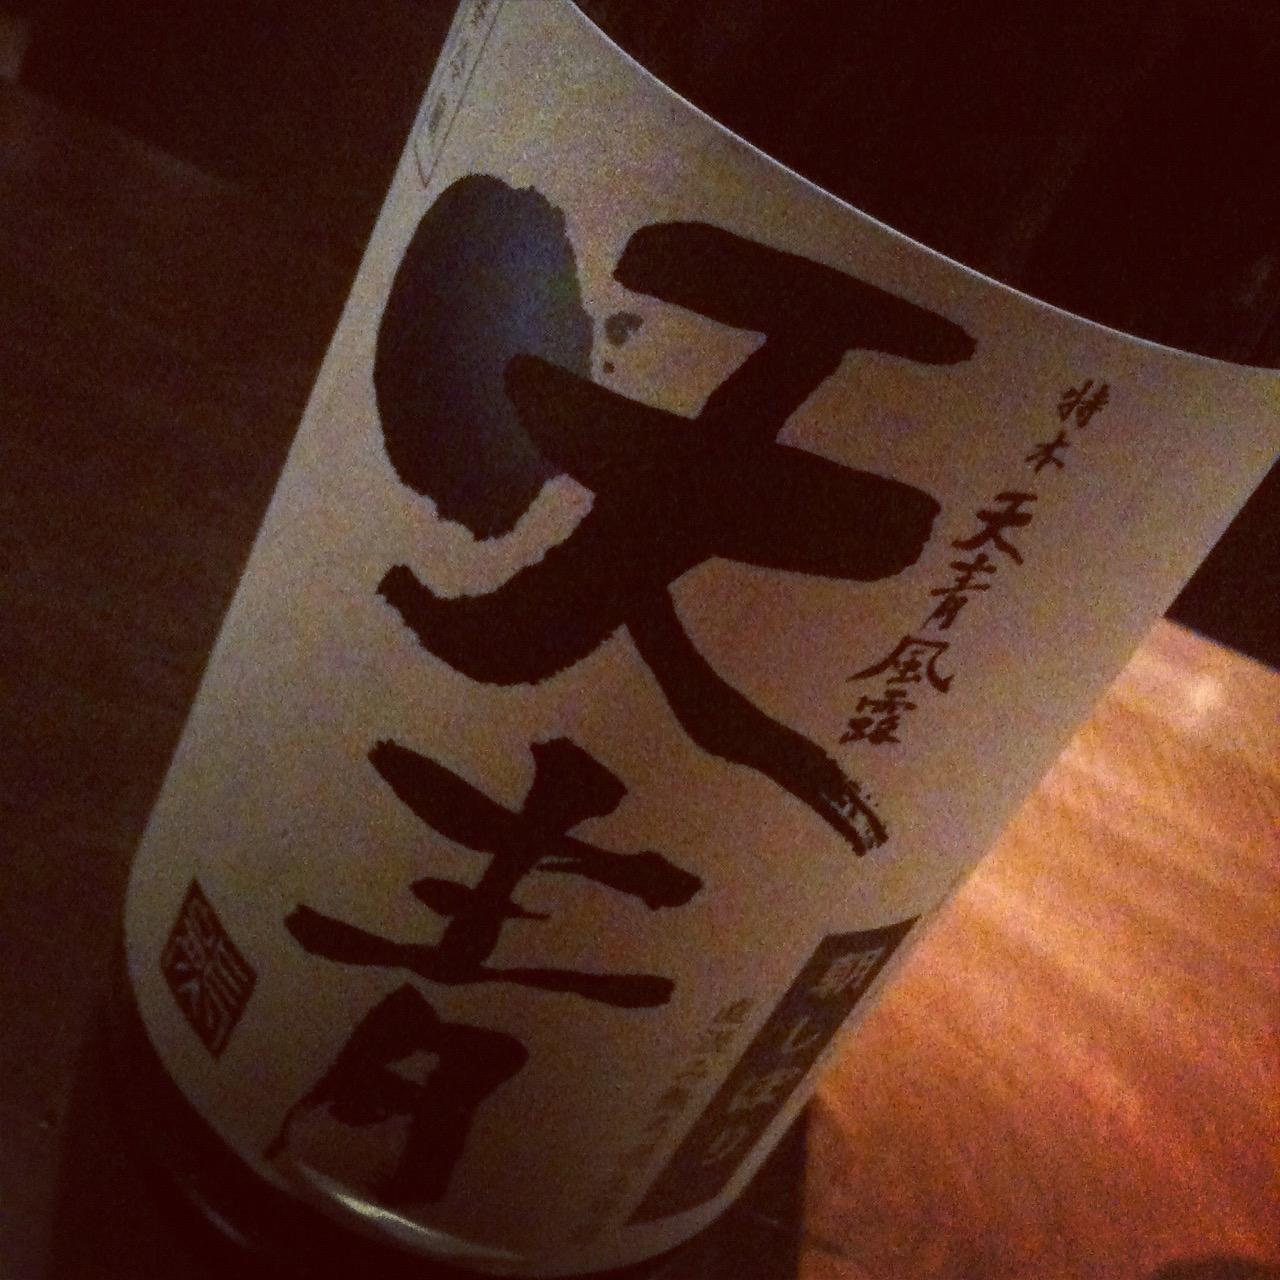 風露 天青 朝搾り 日本酒テイスティングノート